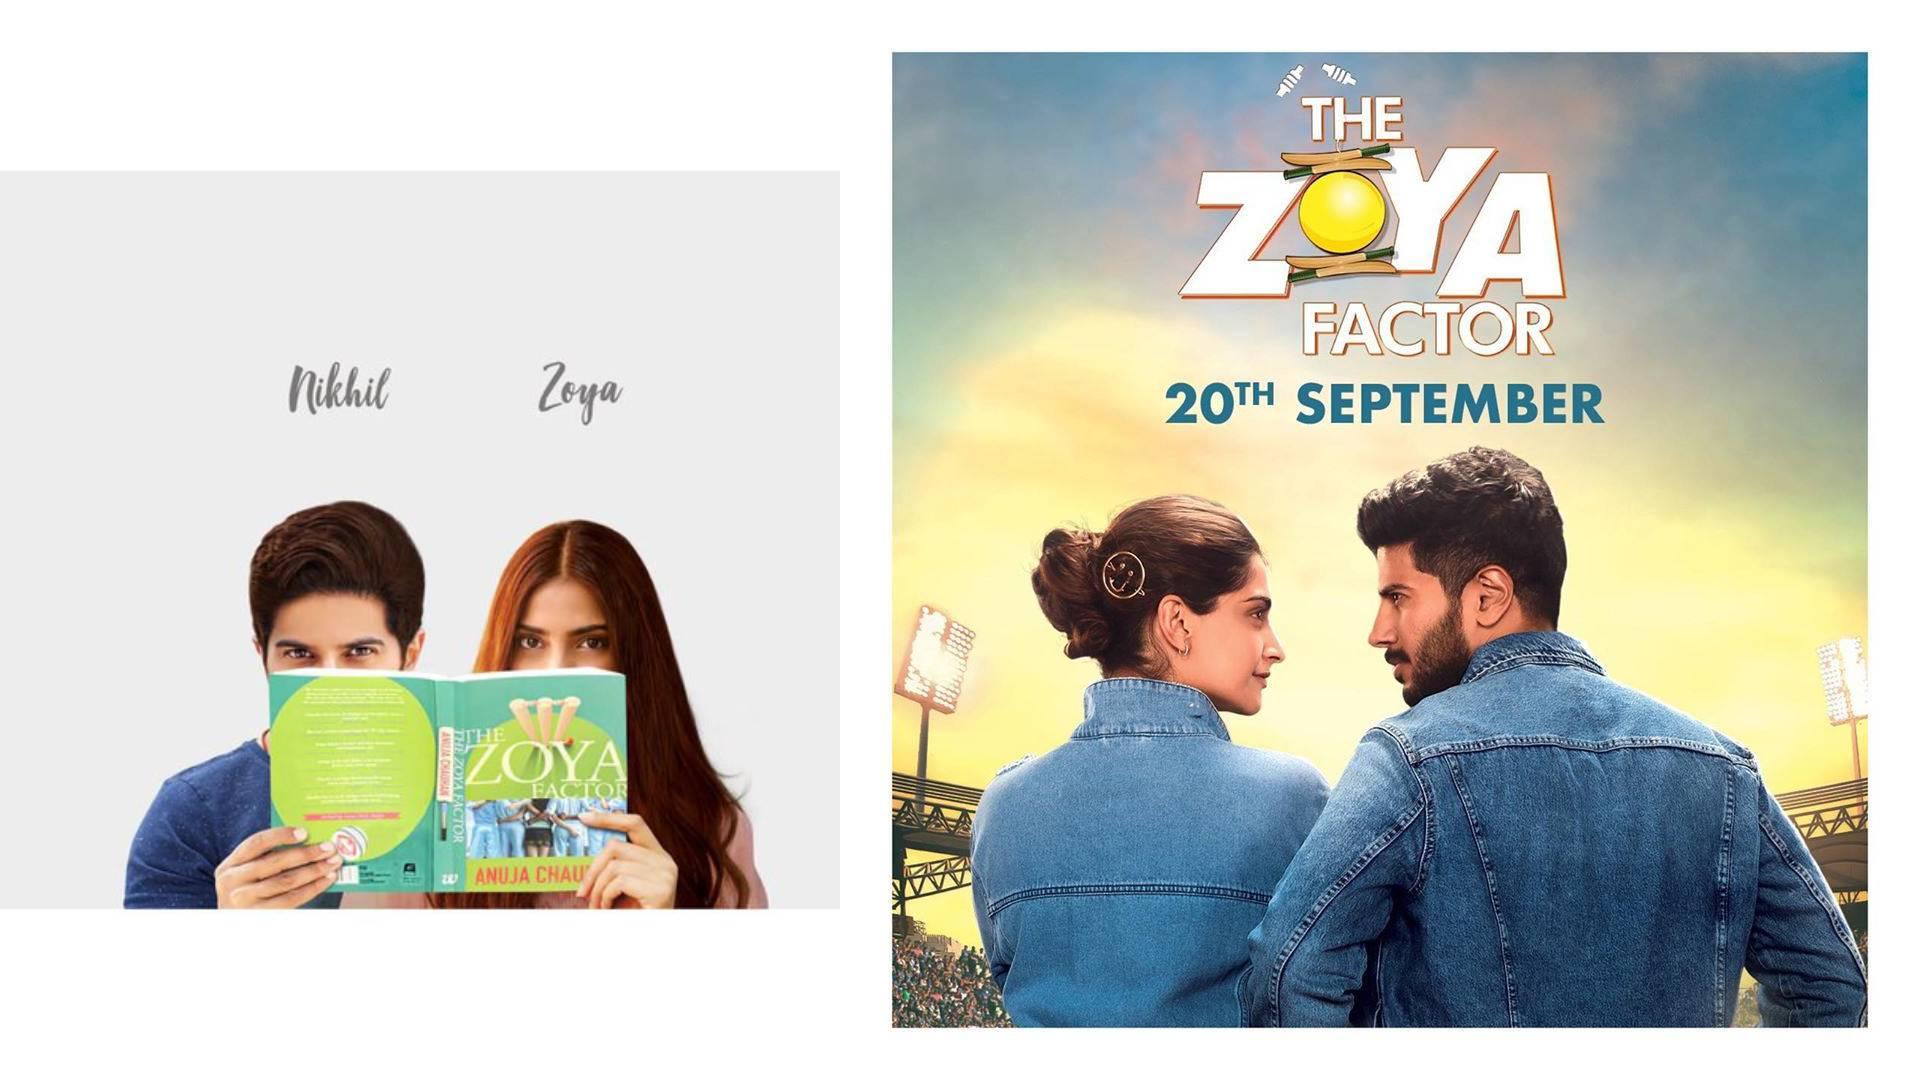 The Zoya Factor: देवी के अवतार में सोनम कपूर ने जीता दिल, फिल्म का पहला मोशन पोस्टर हुआ रिलीज़